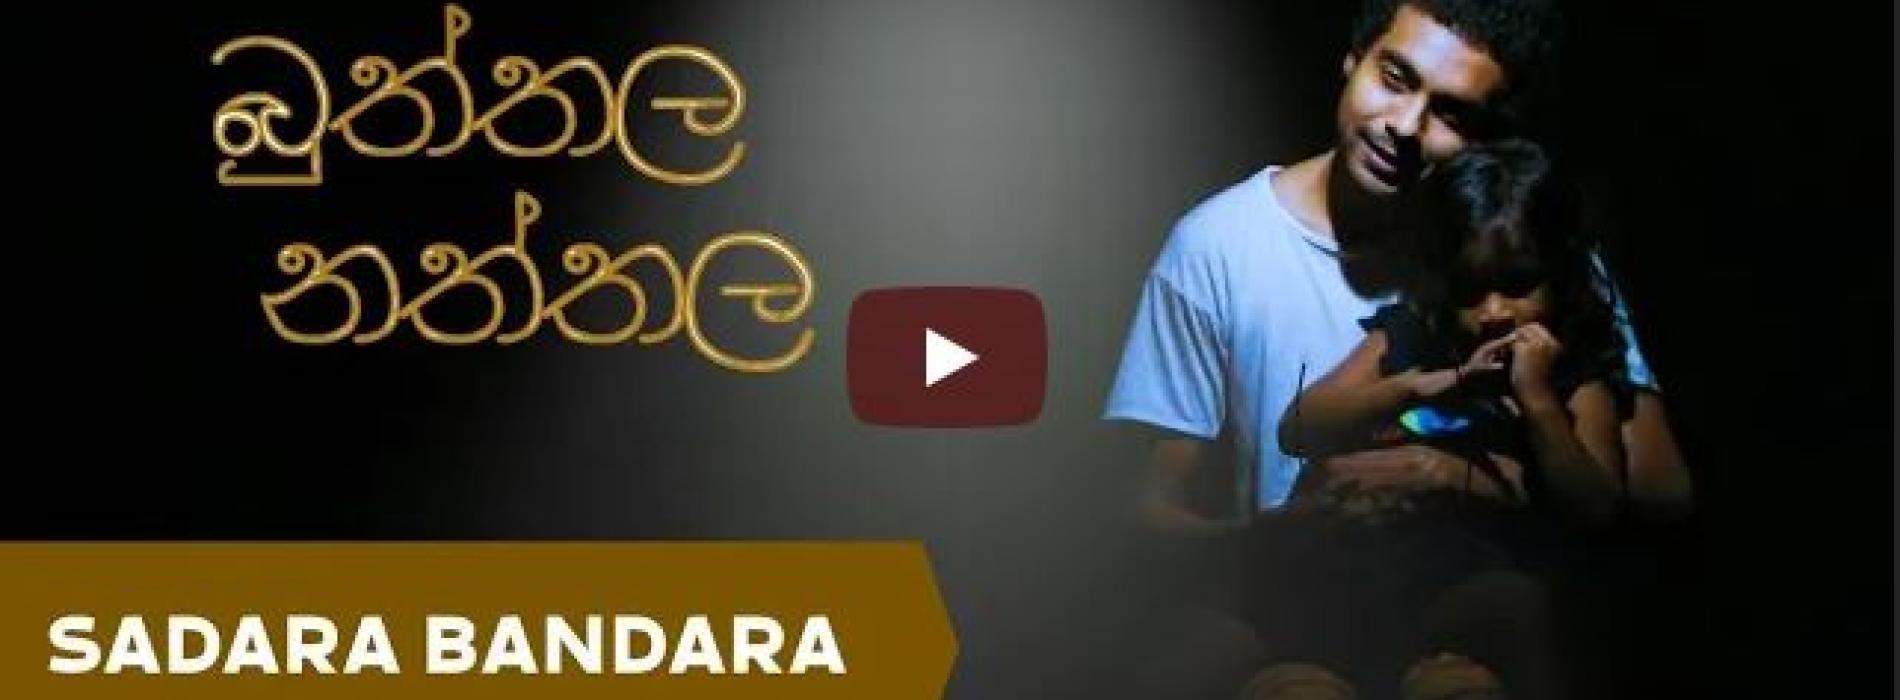 New Music : Sadara Bandara – Buththala Naththala (බුත්තල නත්තල) | Nuwan Jude Liyanage [Official Music Video]